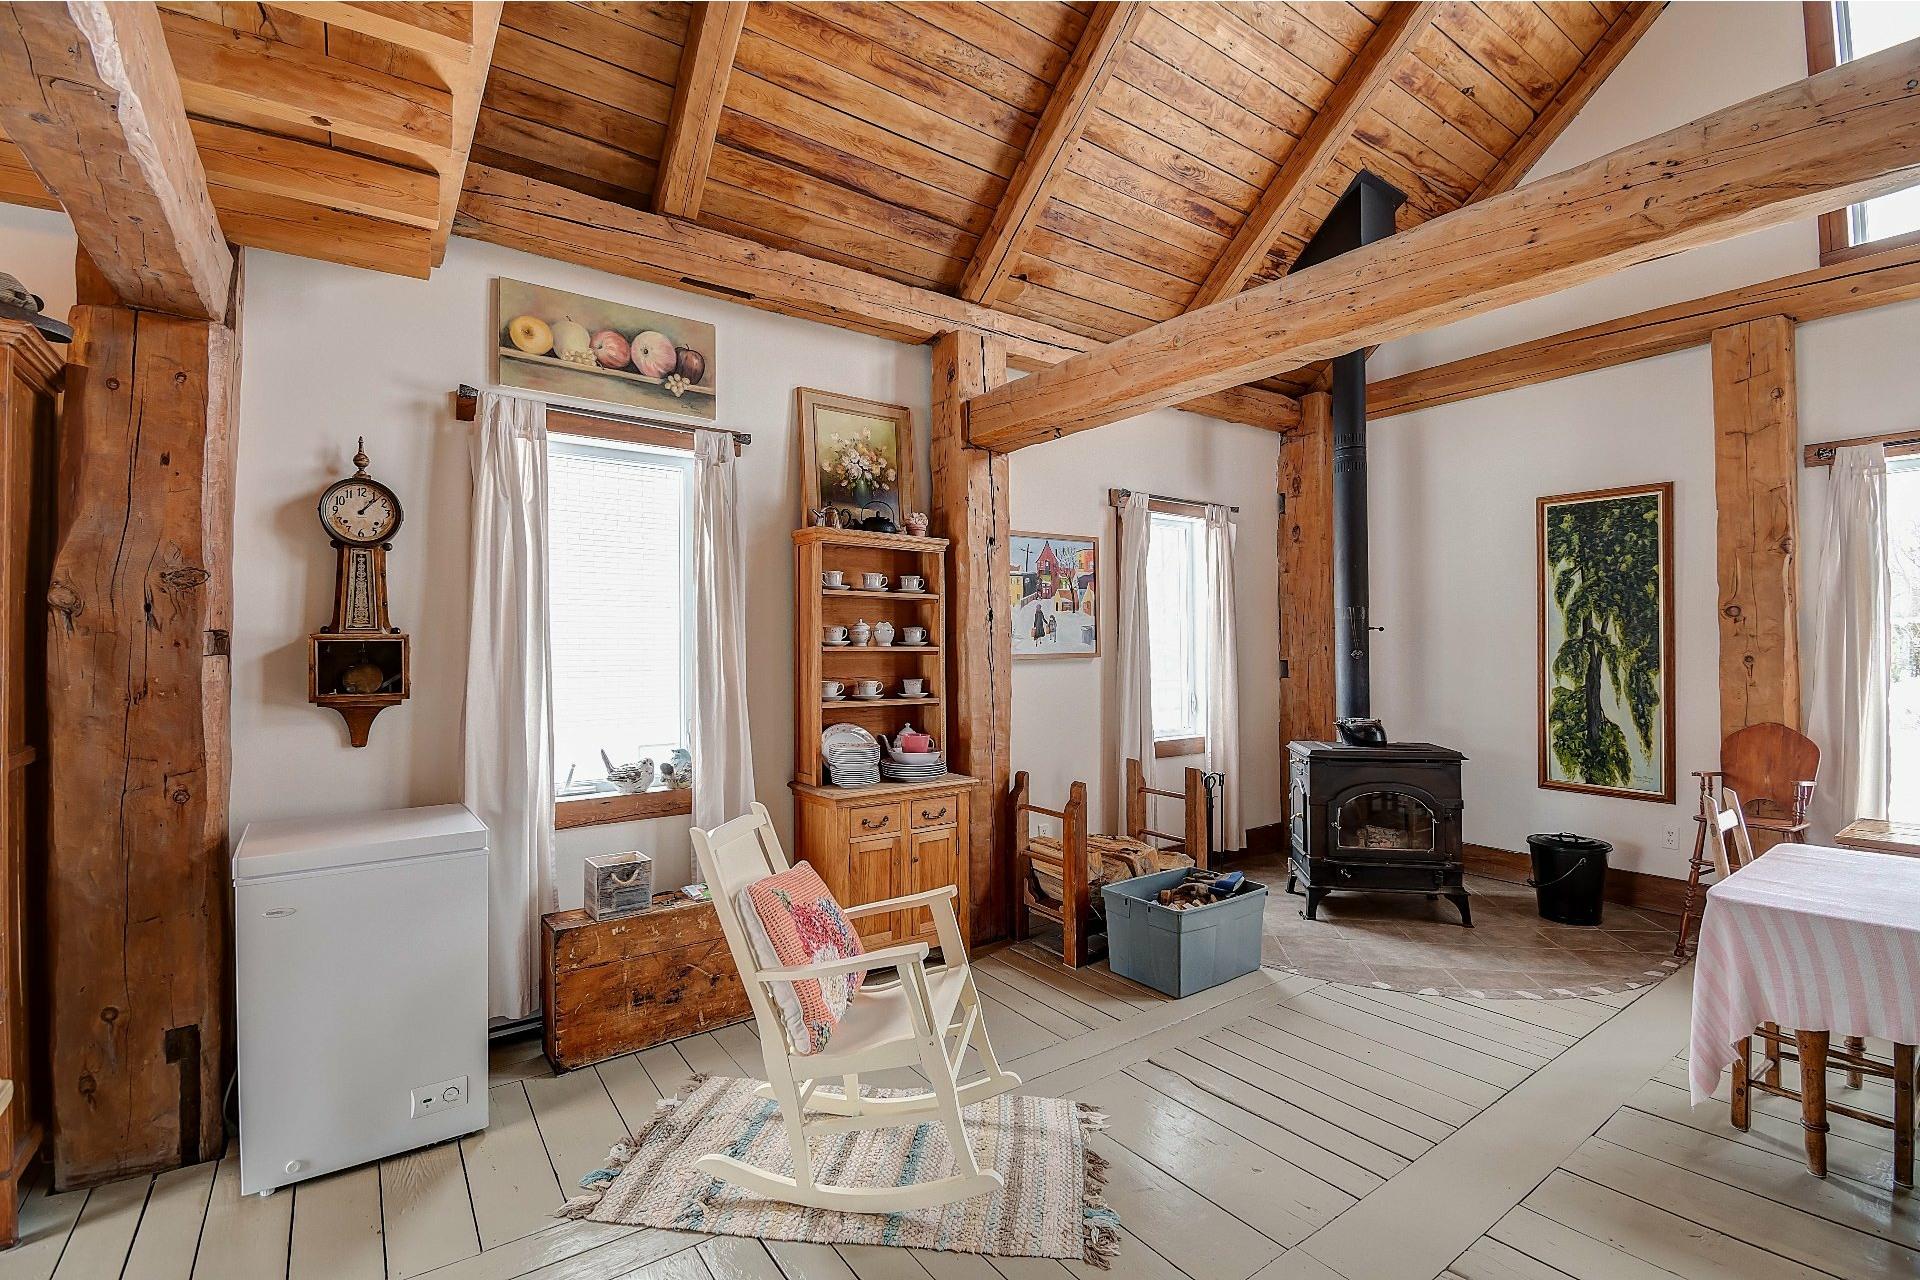 image 7 - Maison À vendre Trois-Rivières - 6 pièces